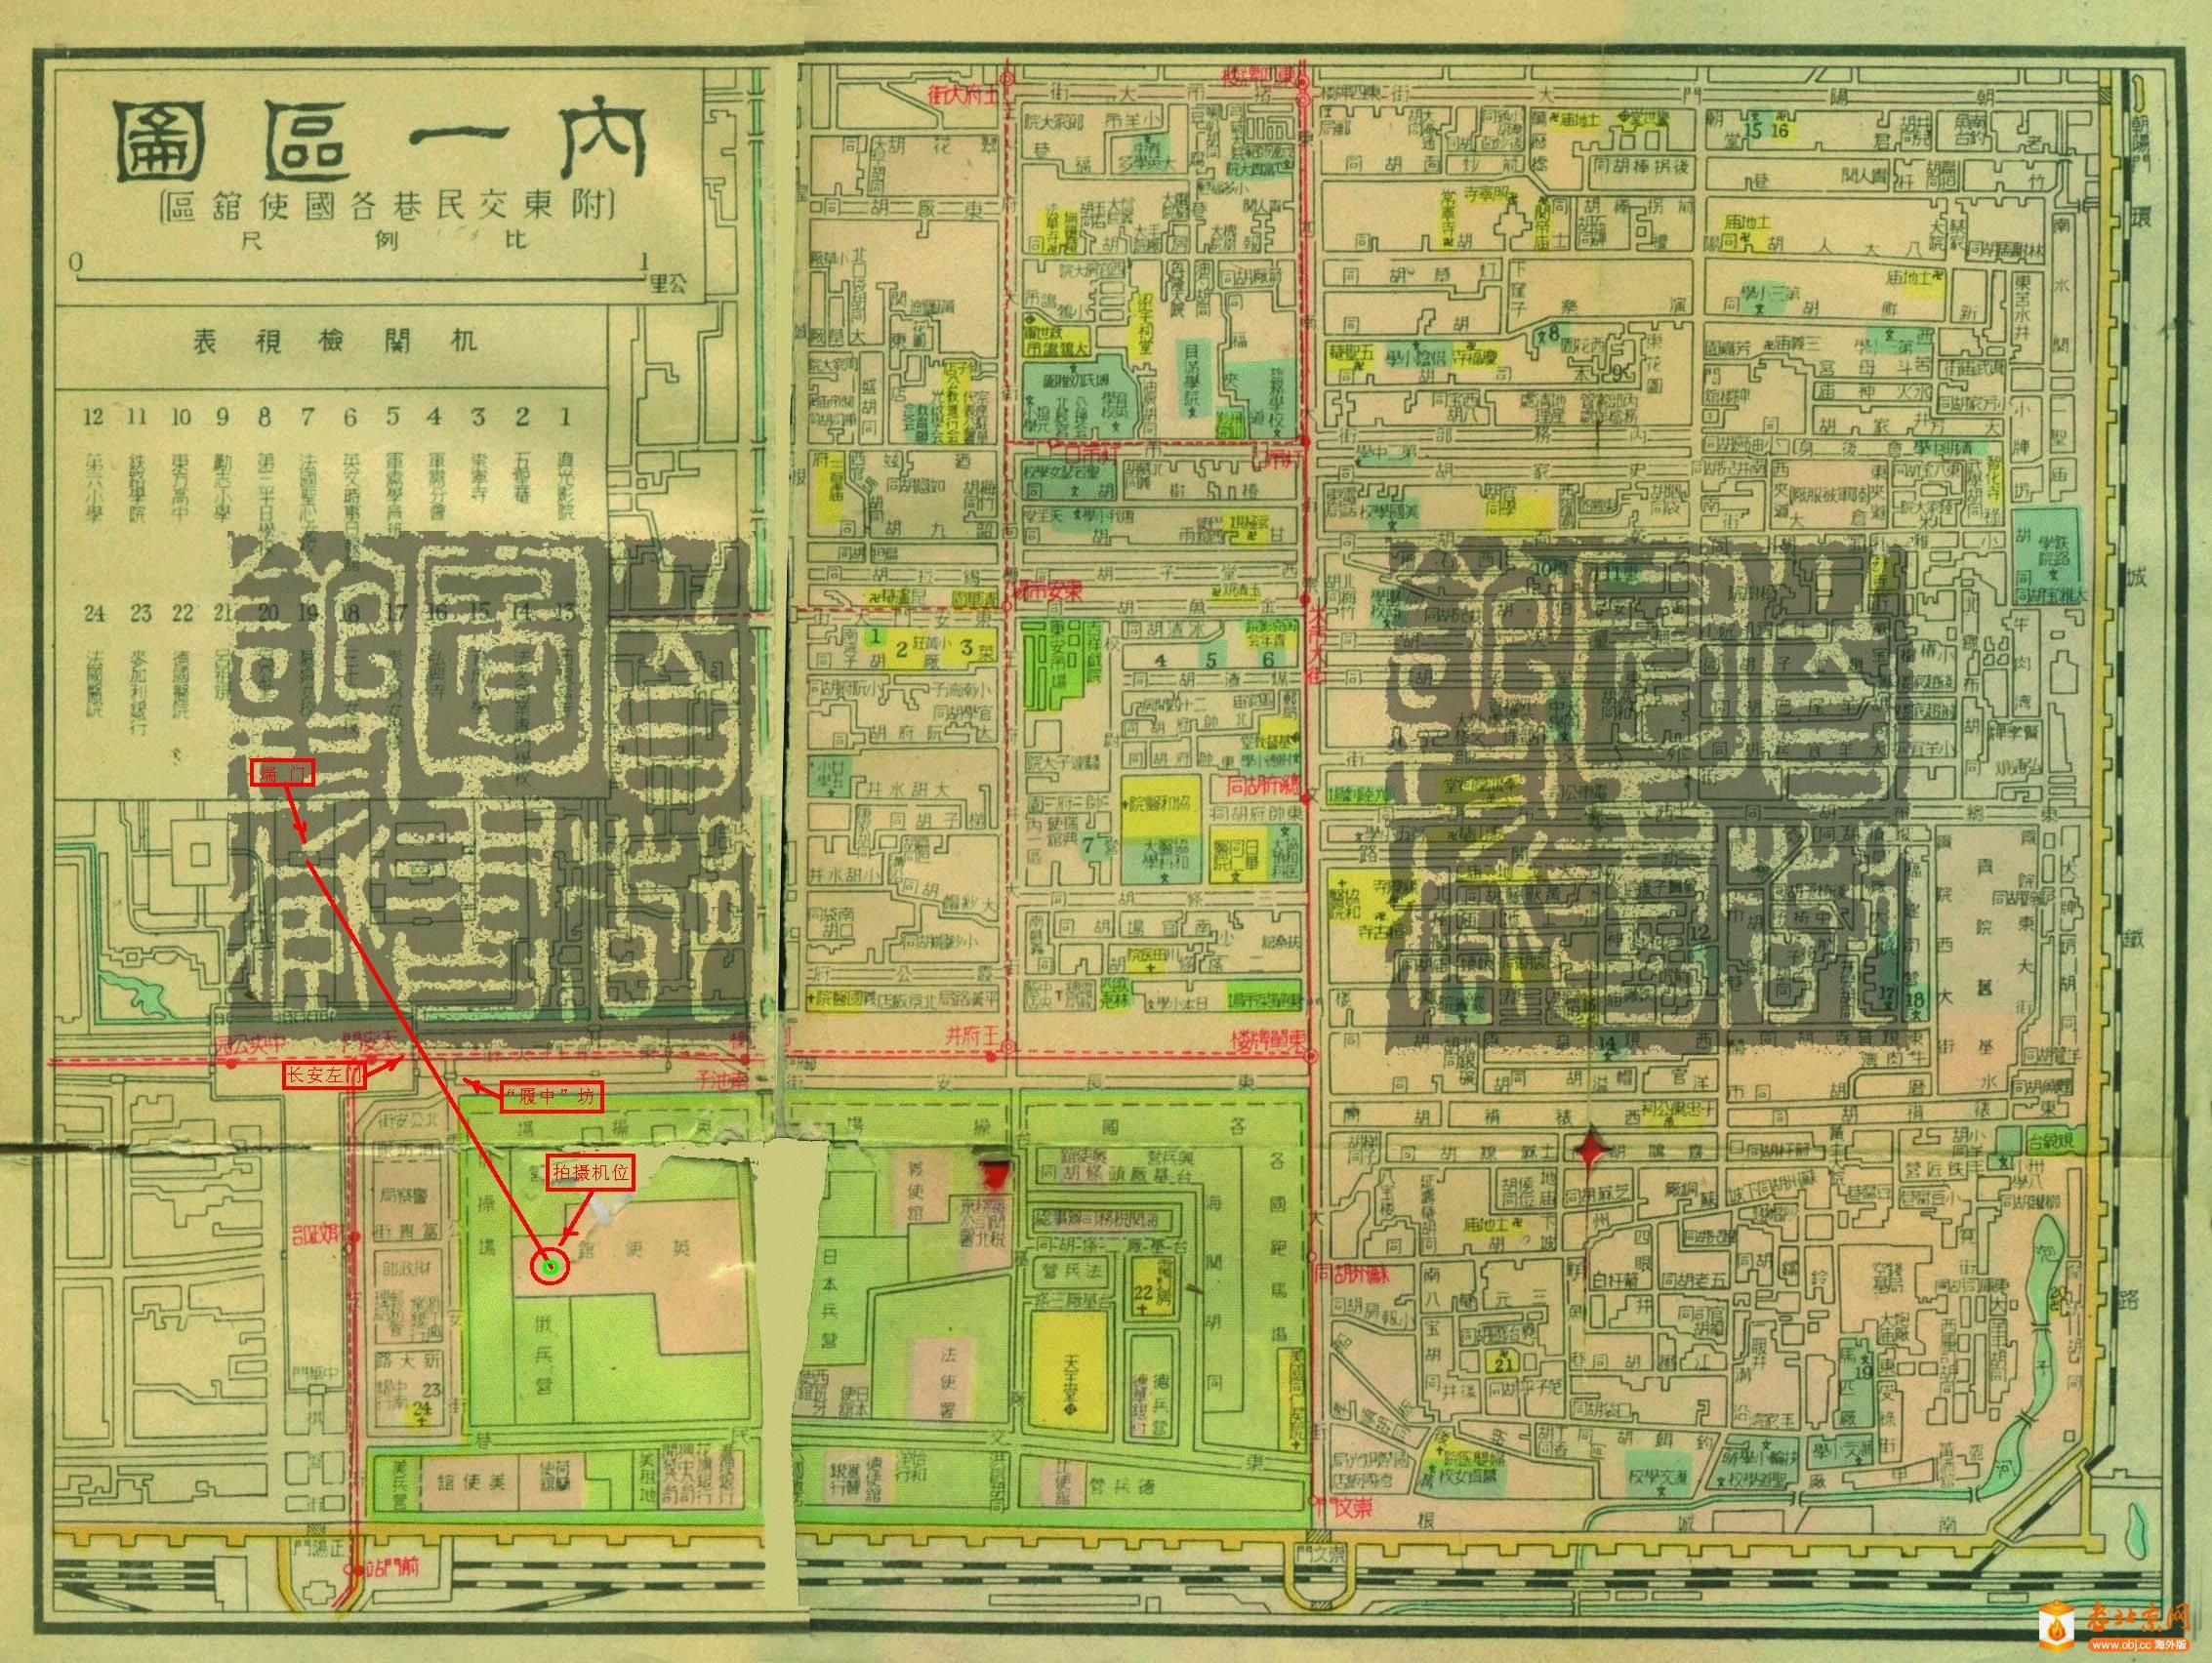 拍摄机位(1942年地图).jpg